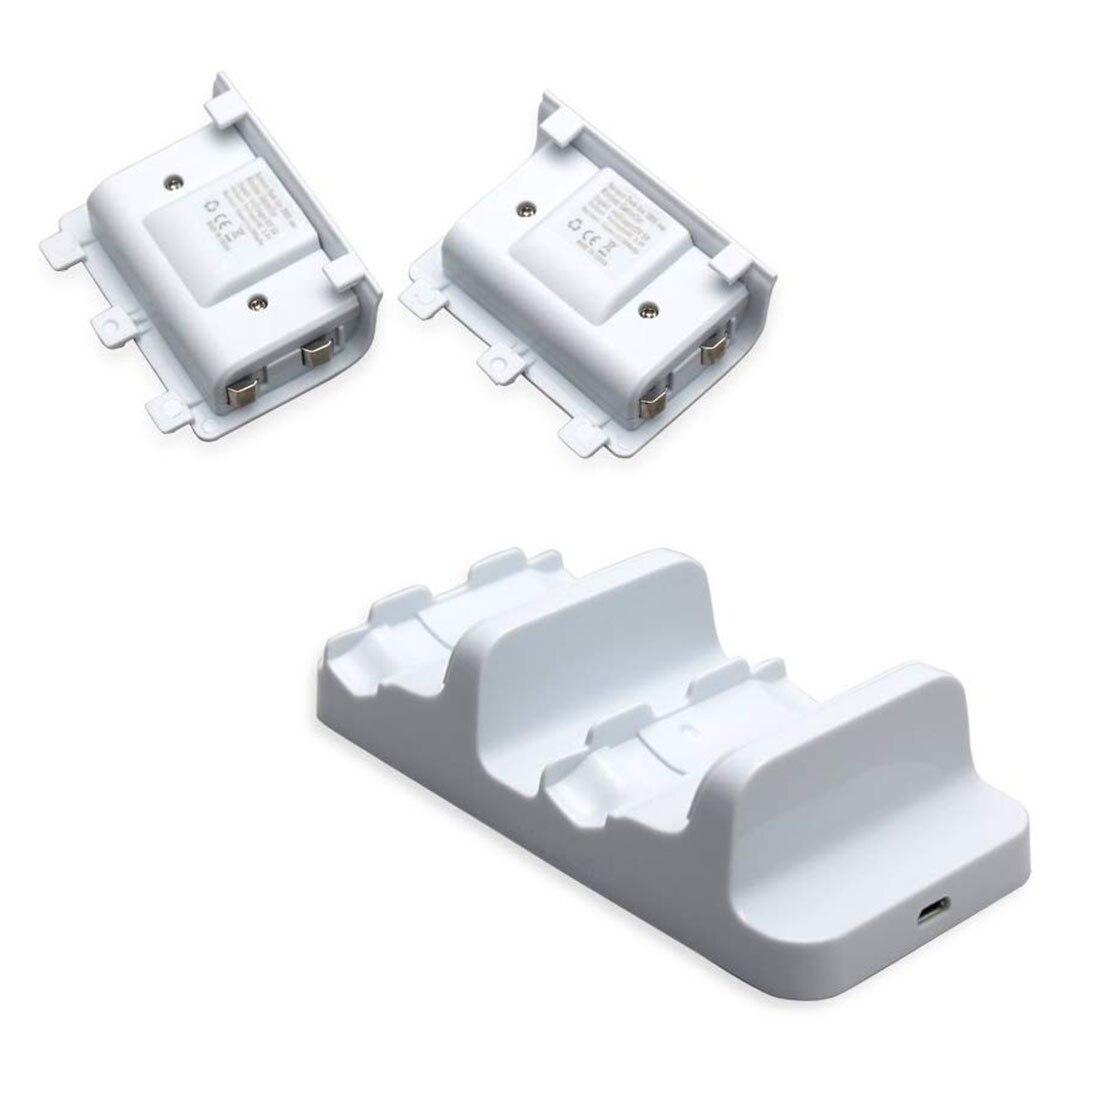 Para Xbox One S Carregador Duplo Doca Estação de Carregamento com 2 Packs de Bateria e Cabo de Carregamento USB para Xbox Um controlador sem fio